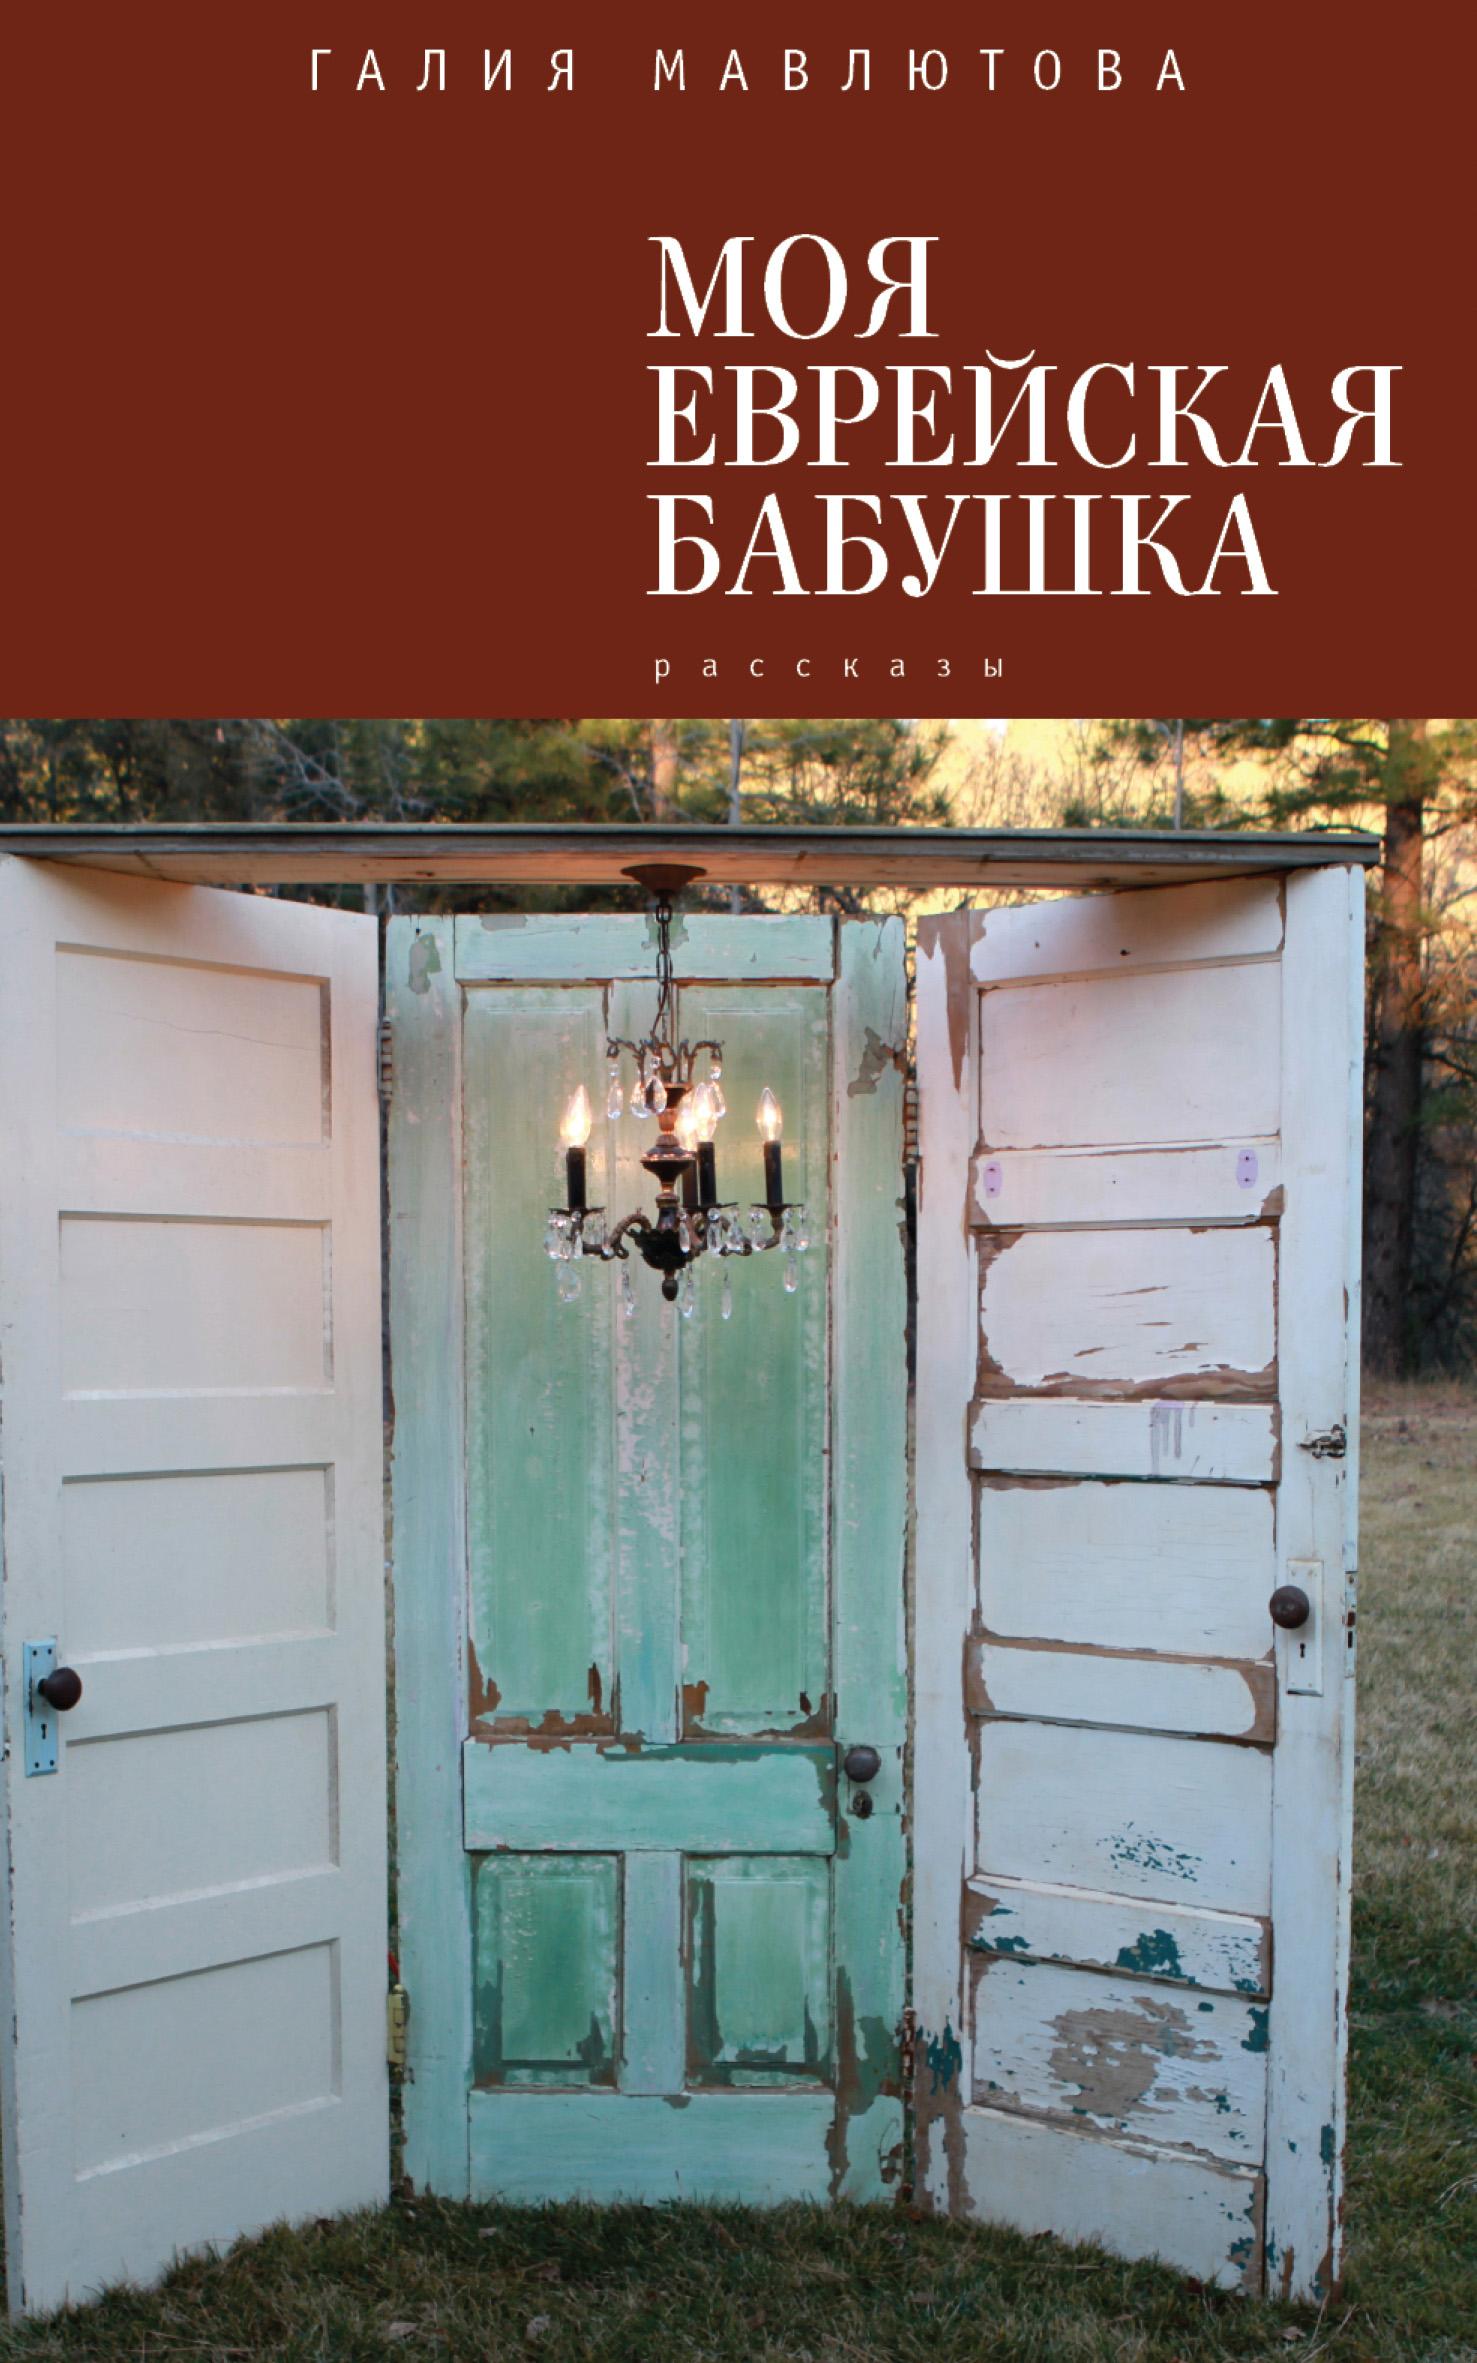 купить Галия Мавлютова Моя еврейская бабушка (сборник) по цене 249 рублей